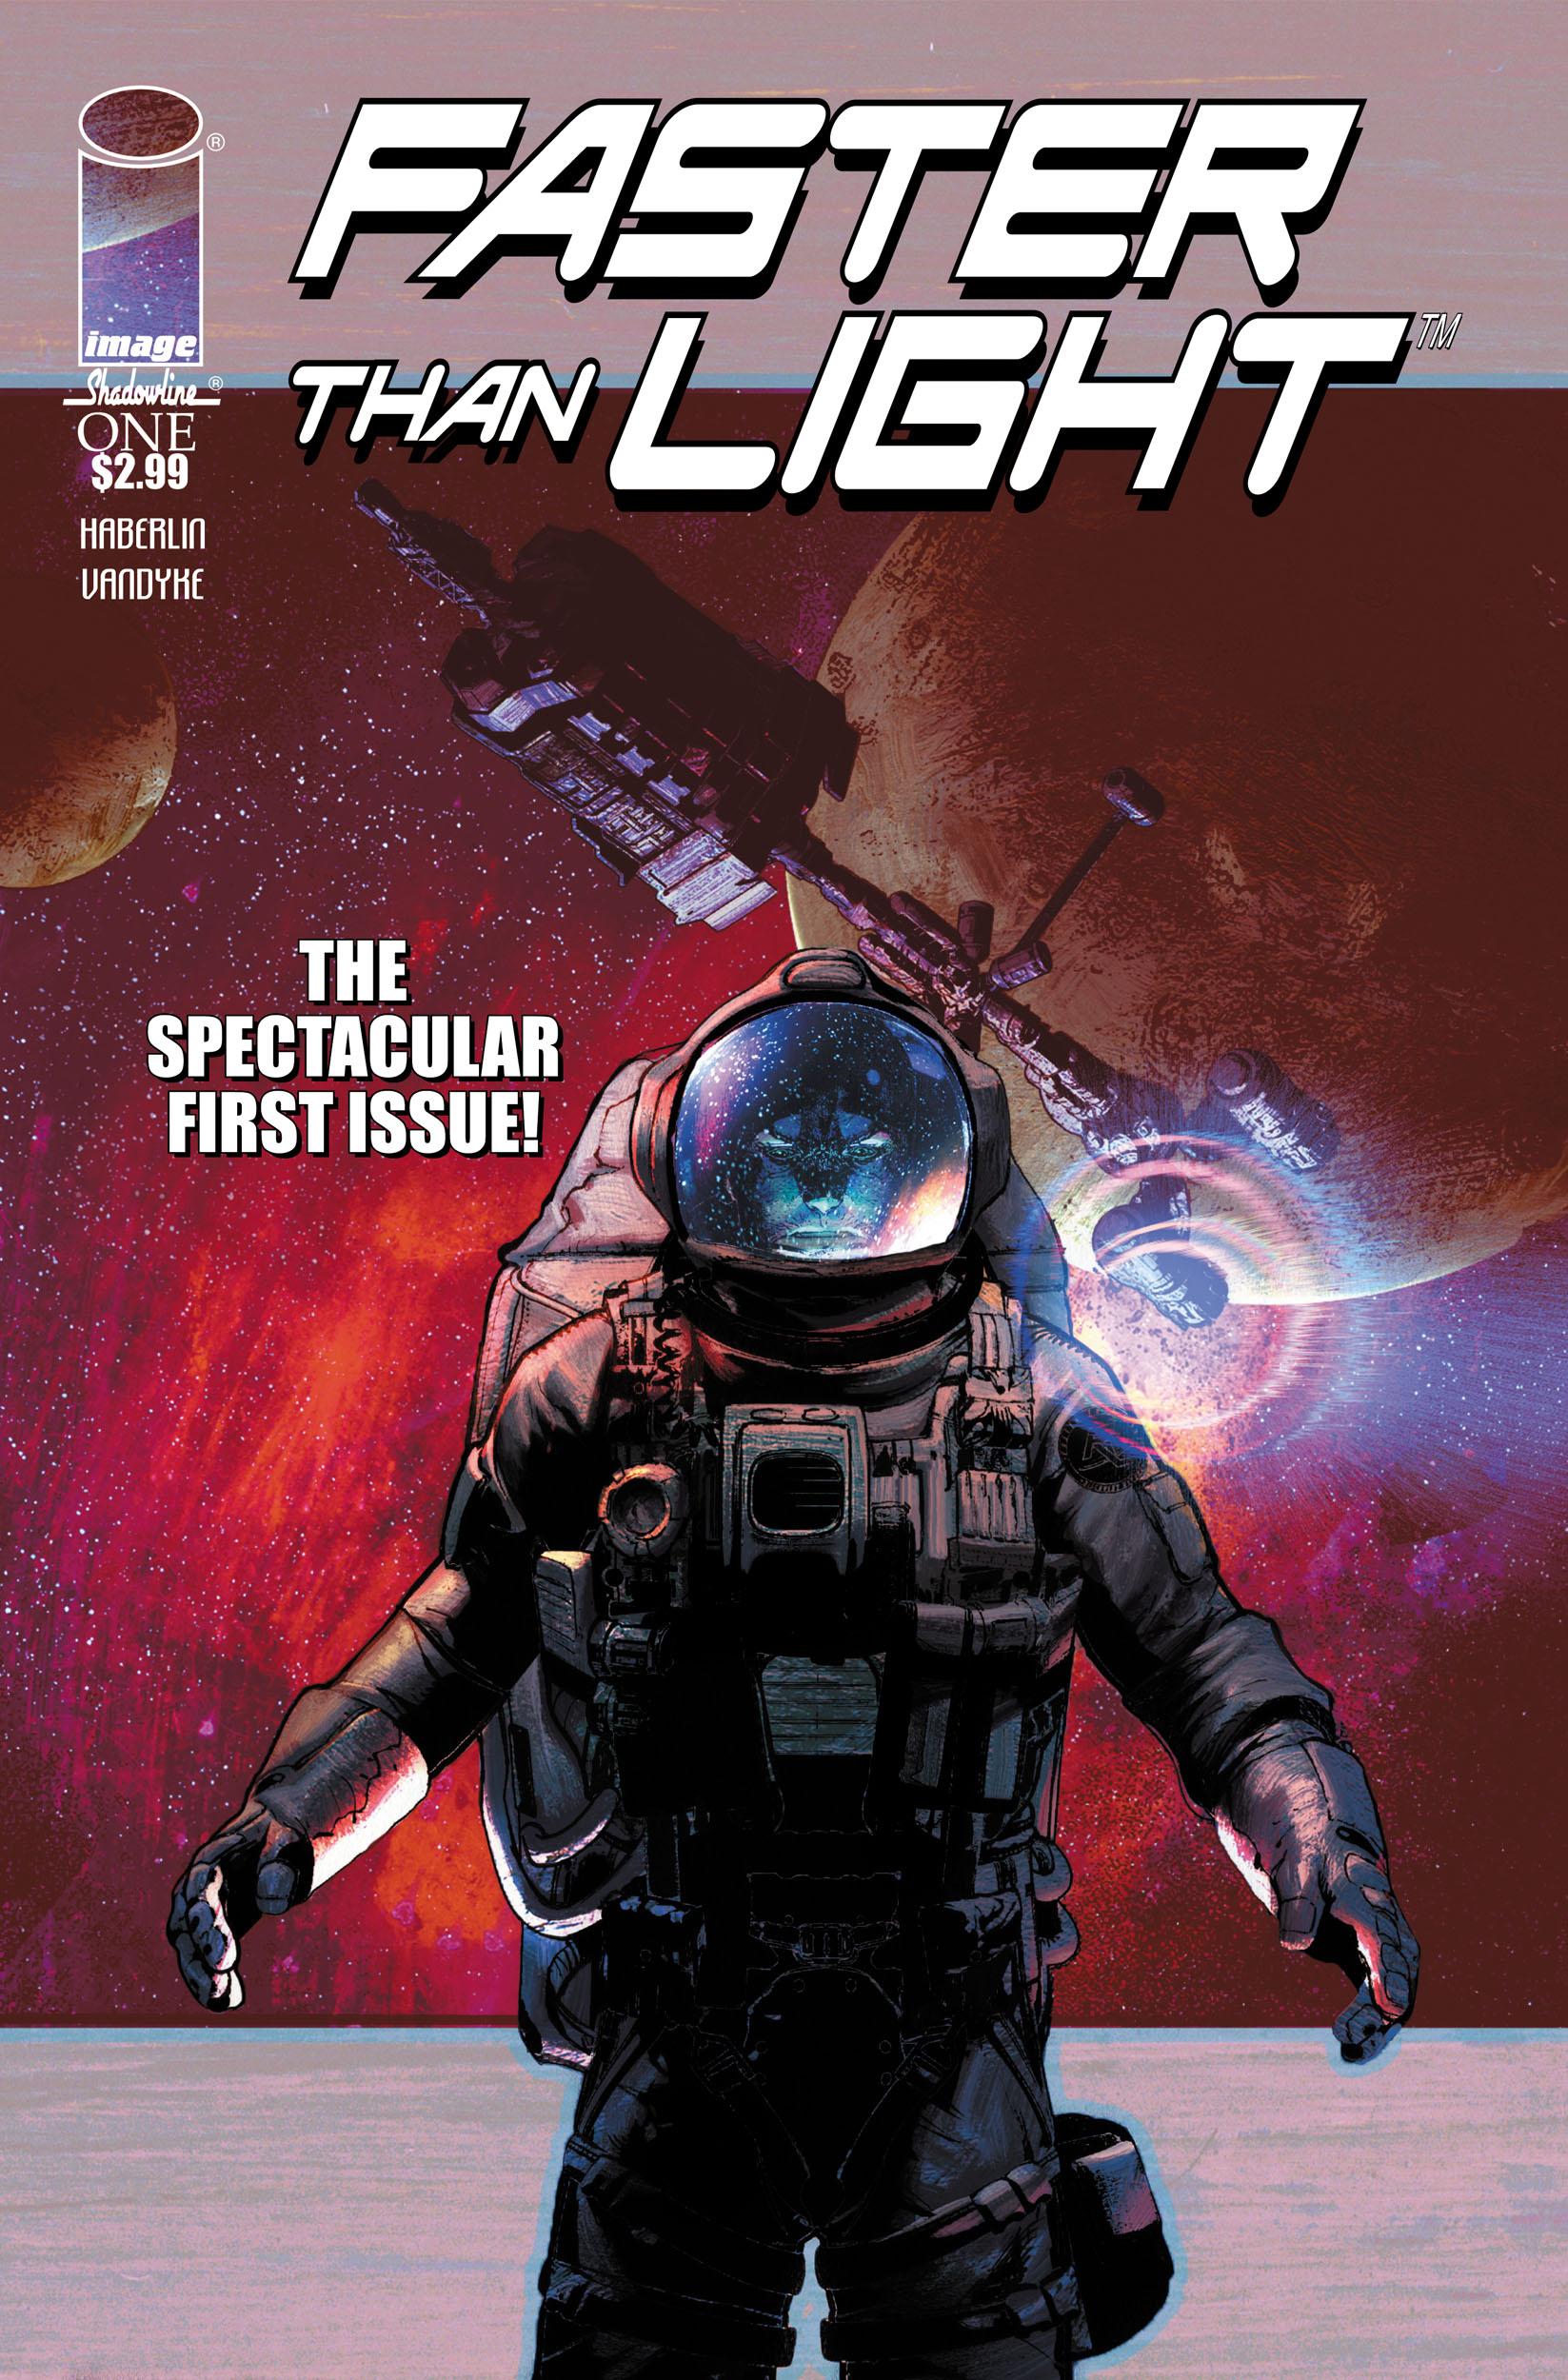 """Mit """"Faster Than Light"""" bringt Image Comics einen sehr interessanten Augmented Reality Comic auf den Markt"""